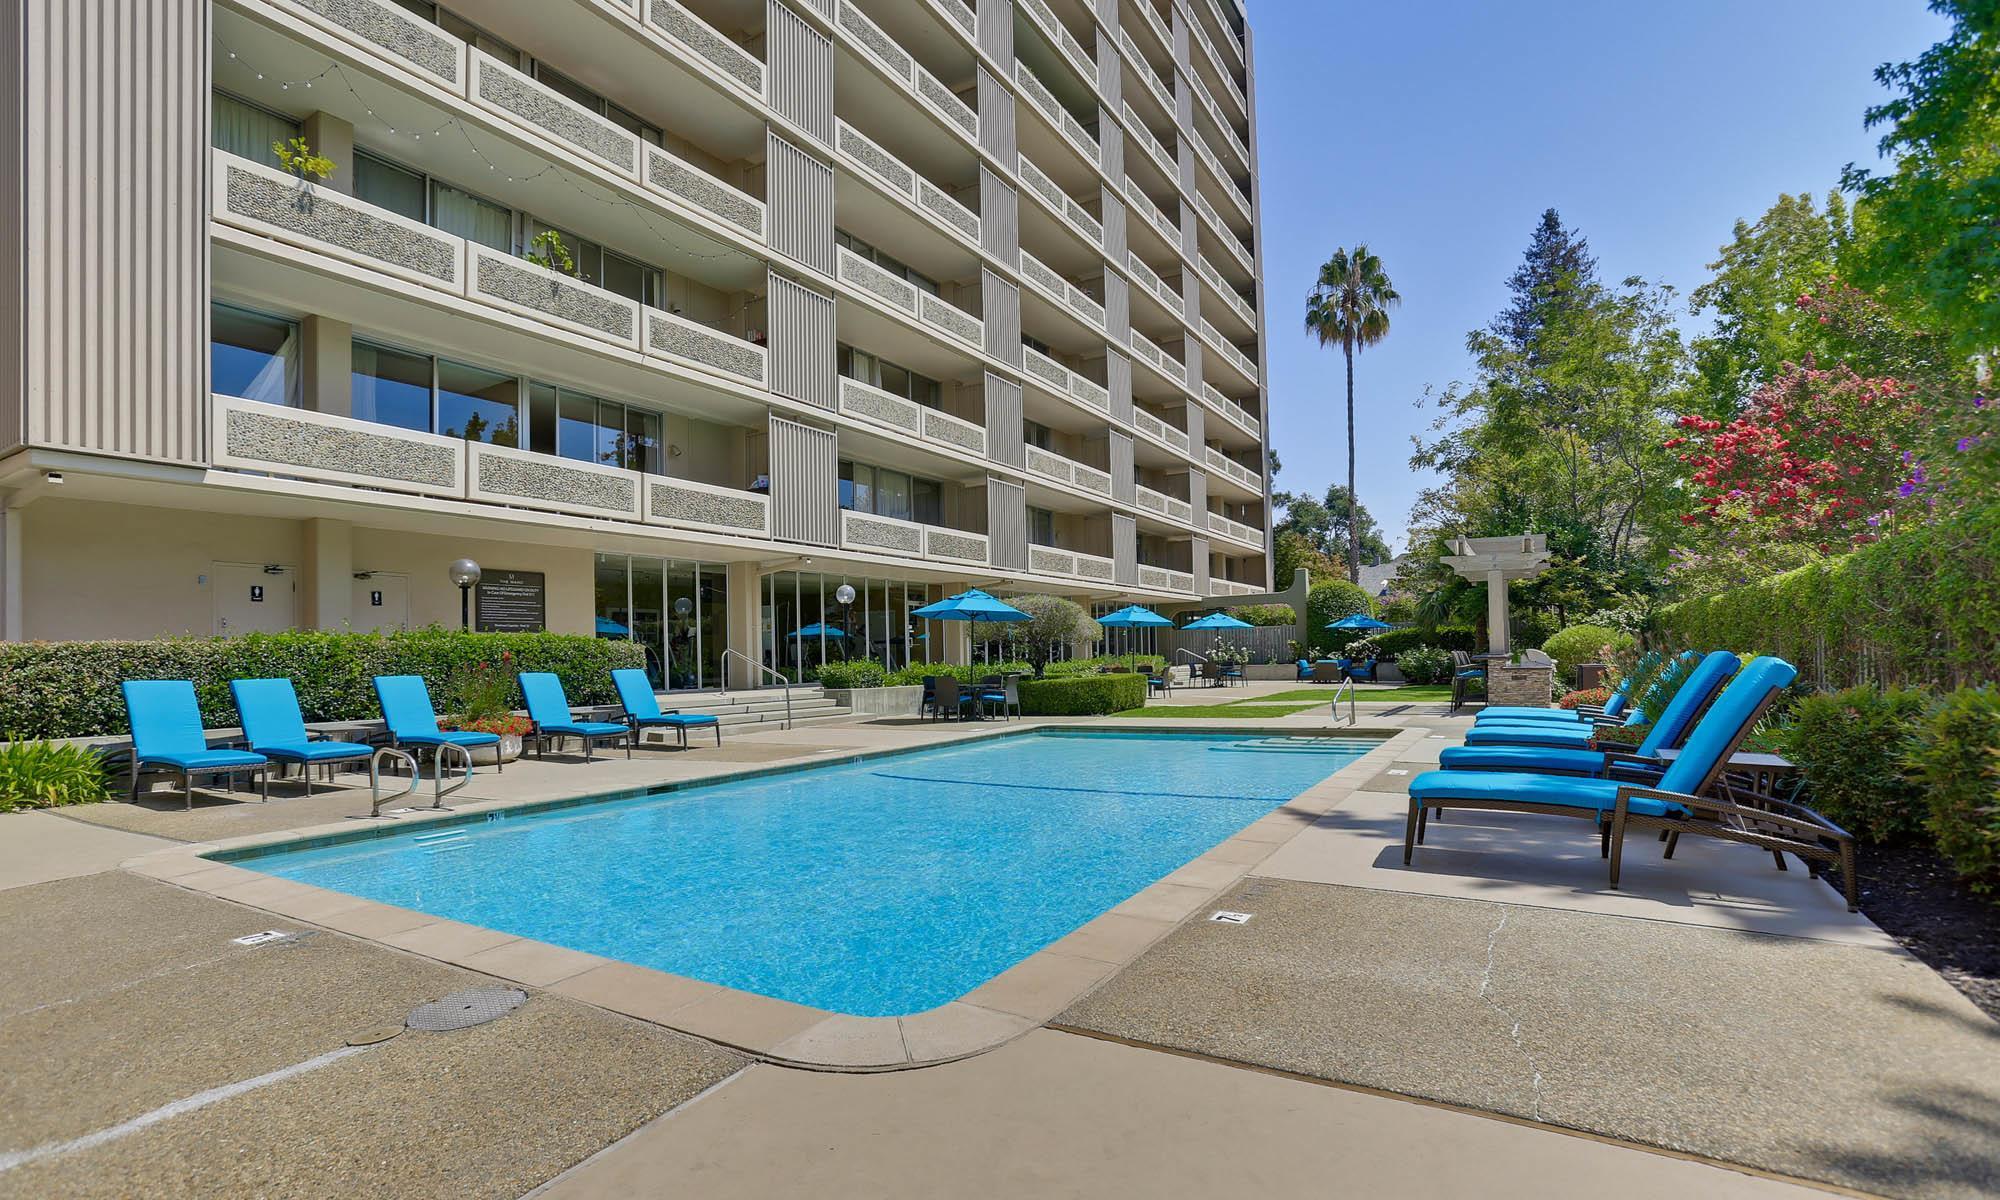 Apartments in Palo Alto, CA